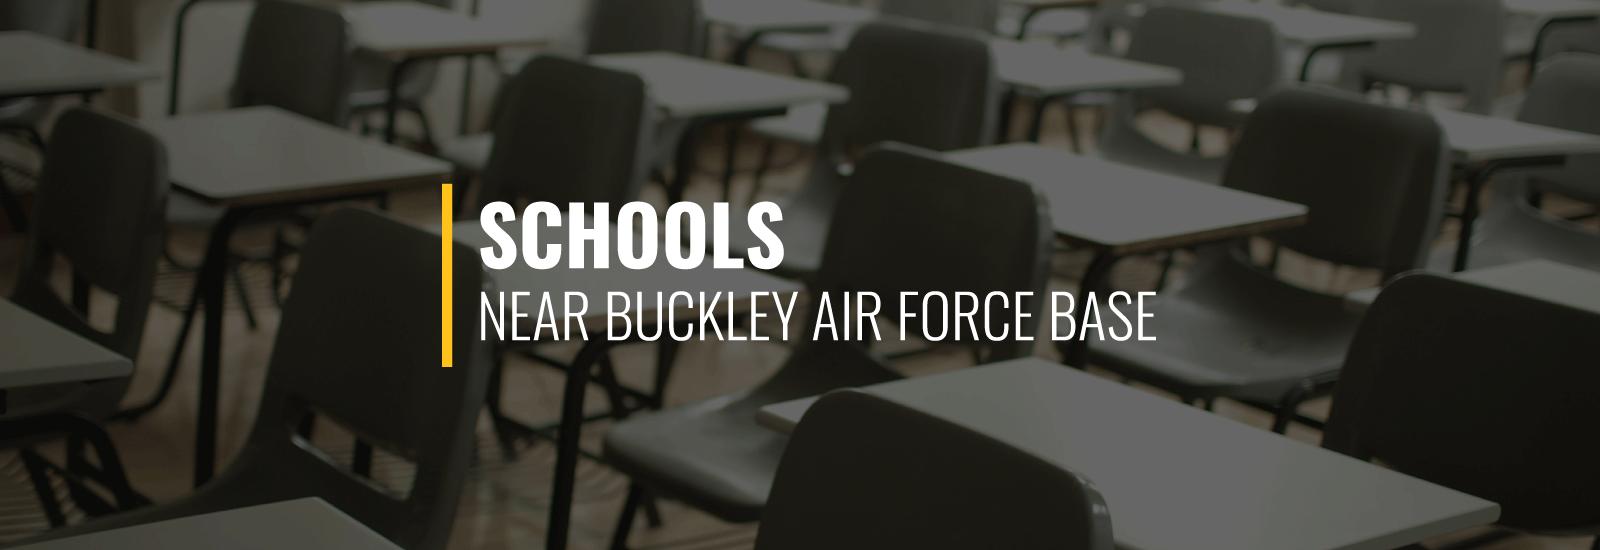 Buckley AFB Schools